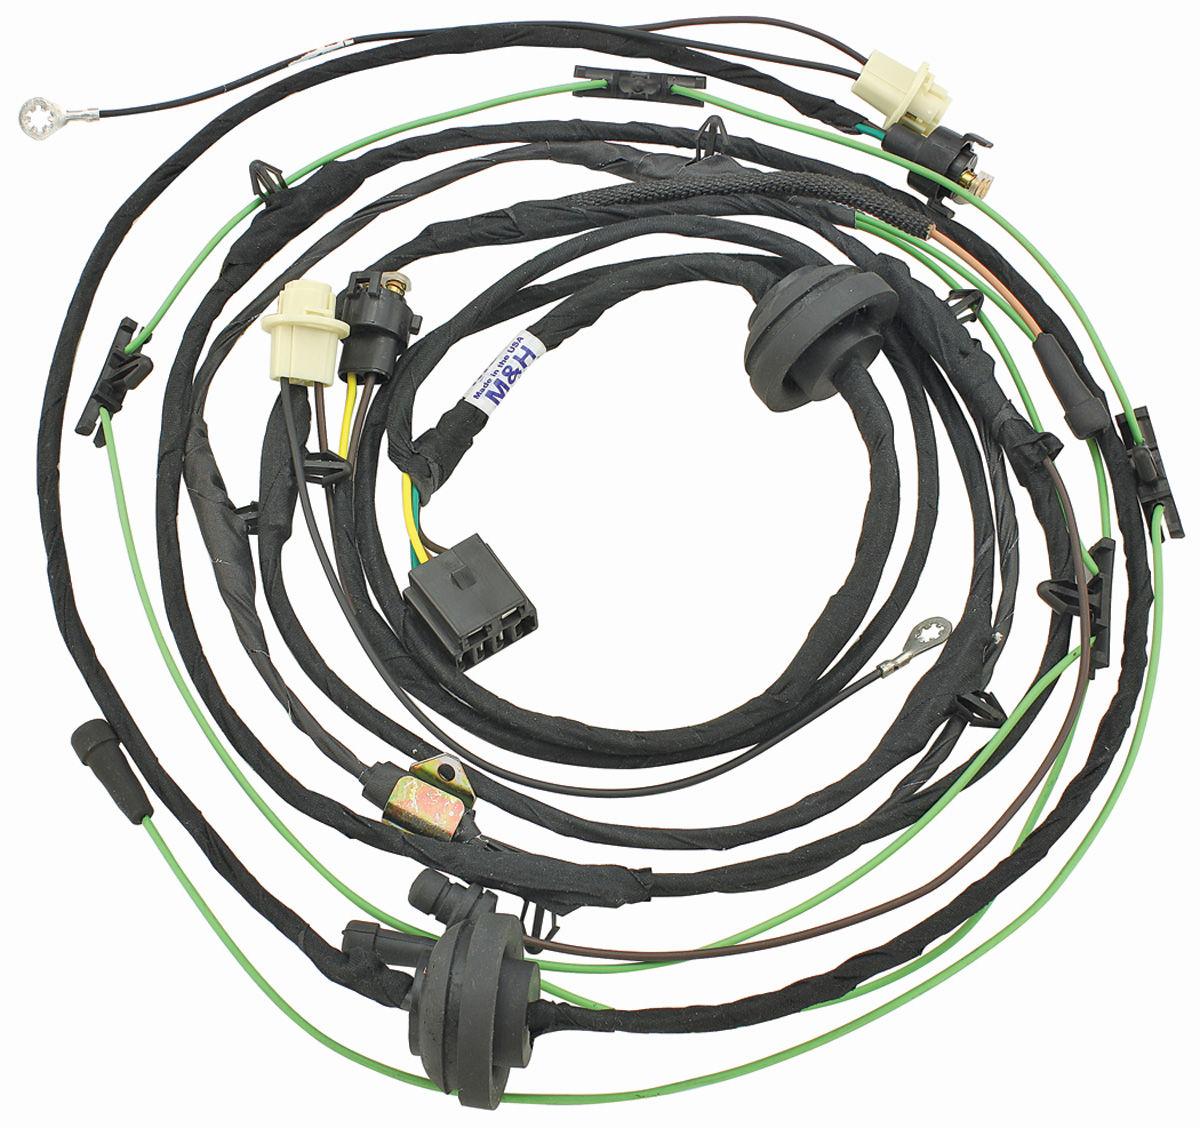 1972 chevelle wiring harness wiring 1972 chevelle wiring harness wiring